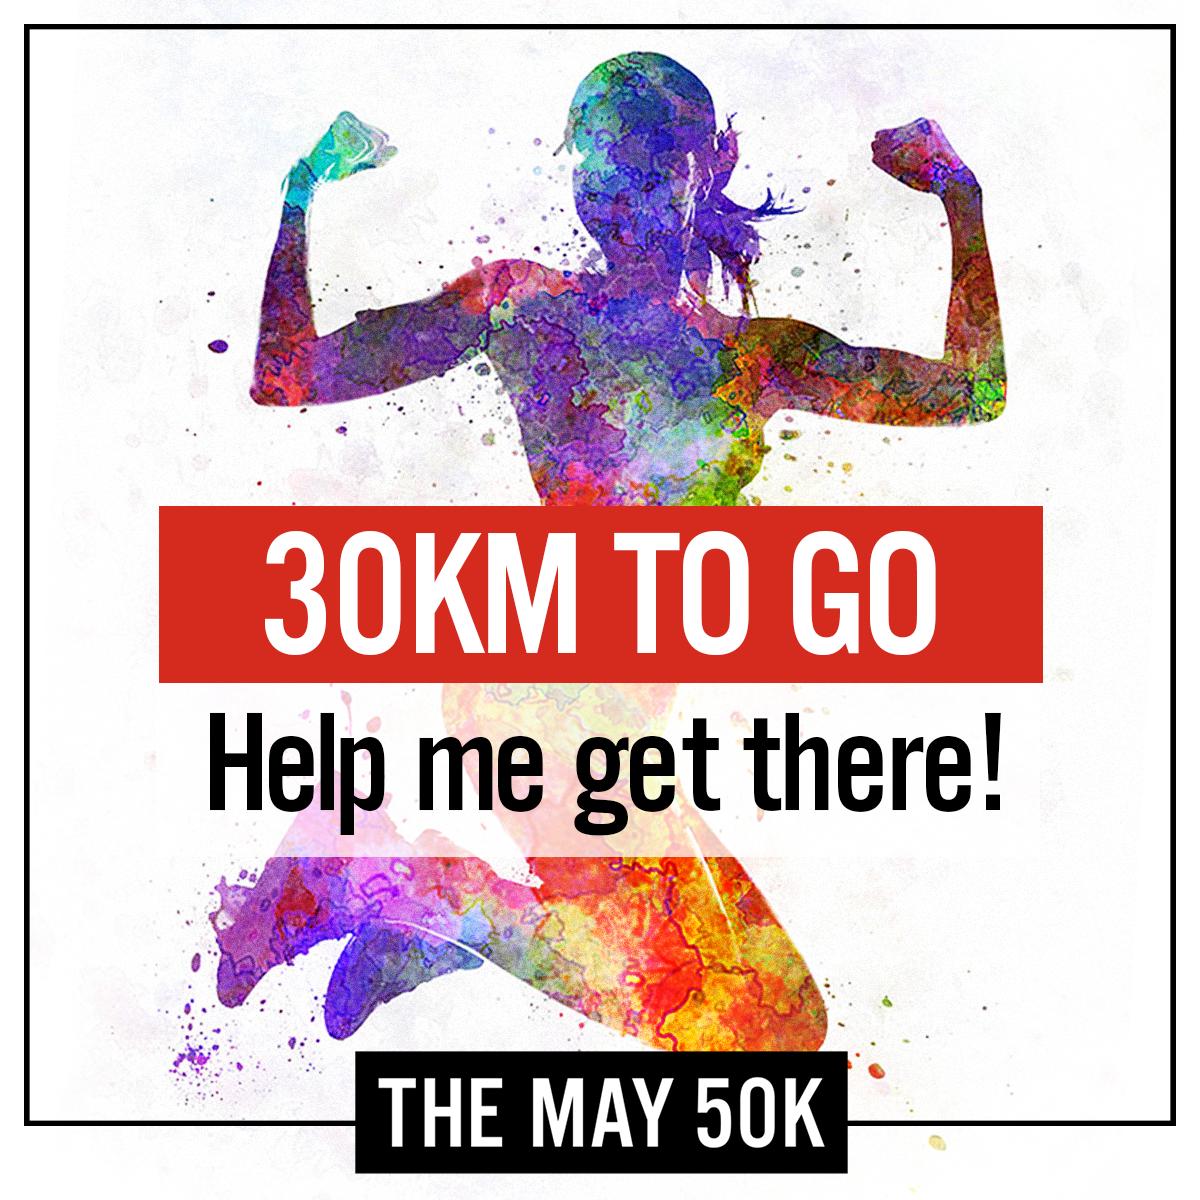 30km to Go